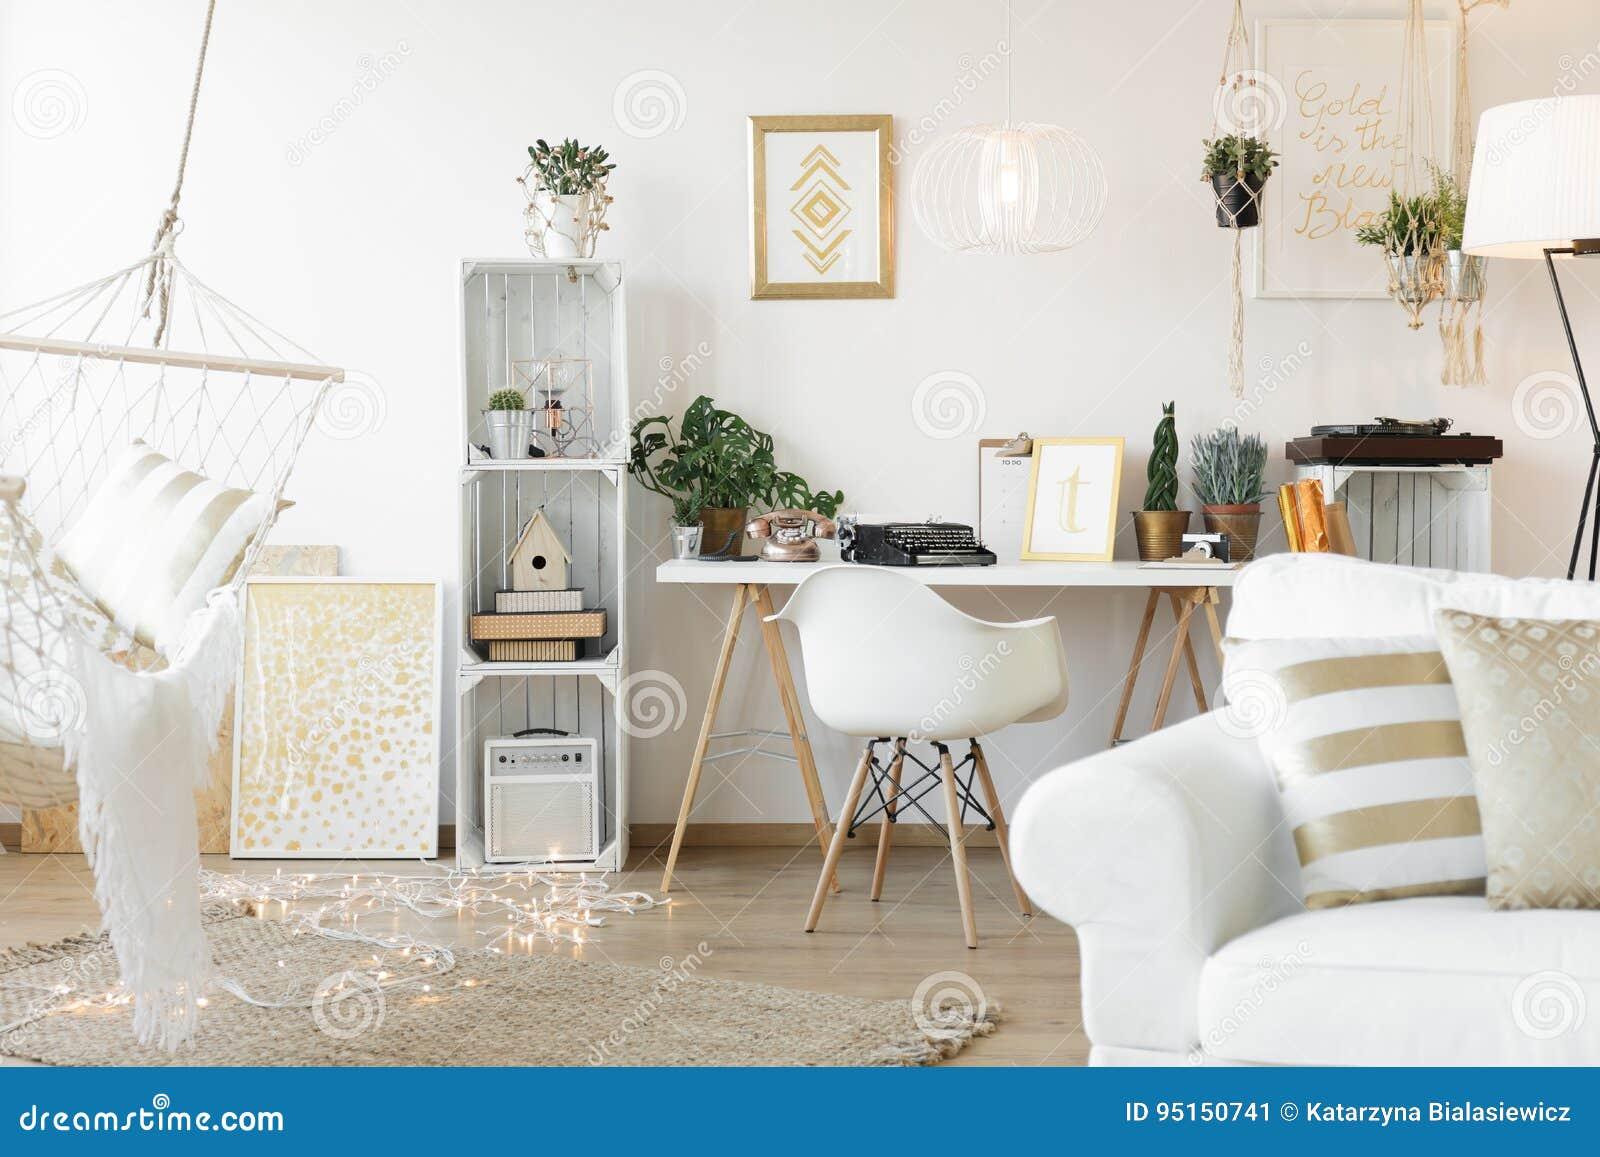 Wohnzimmer Mit Arbeitsplatz Stockbild - Bild von weinlese ...